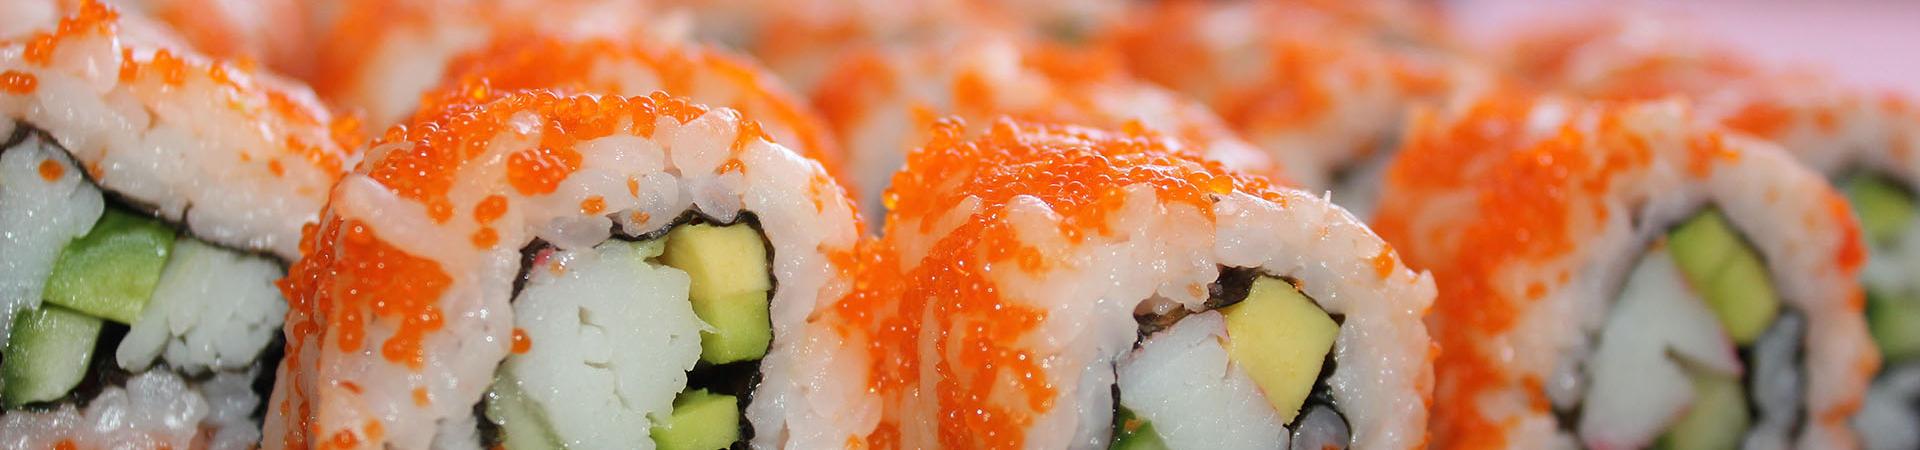 fogyni egyél sushit mindennap elveszíti a zsírt gluteus maximus